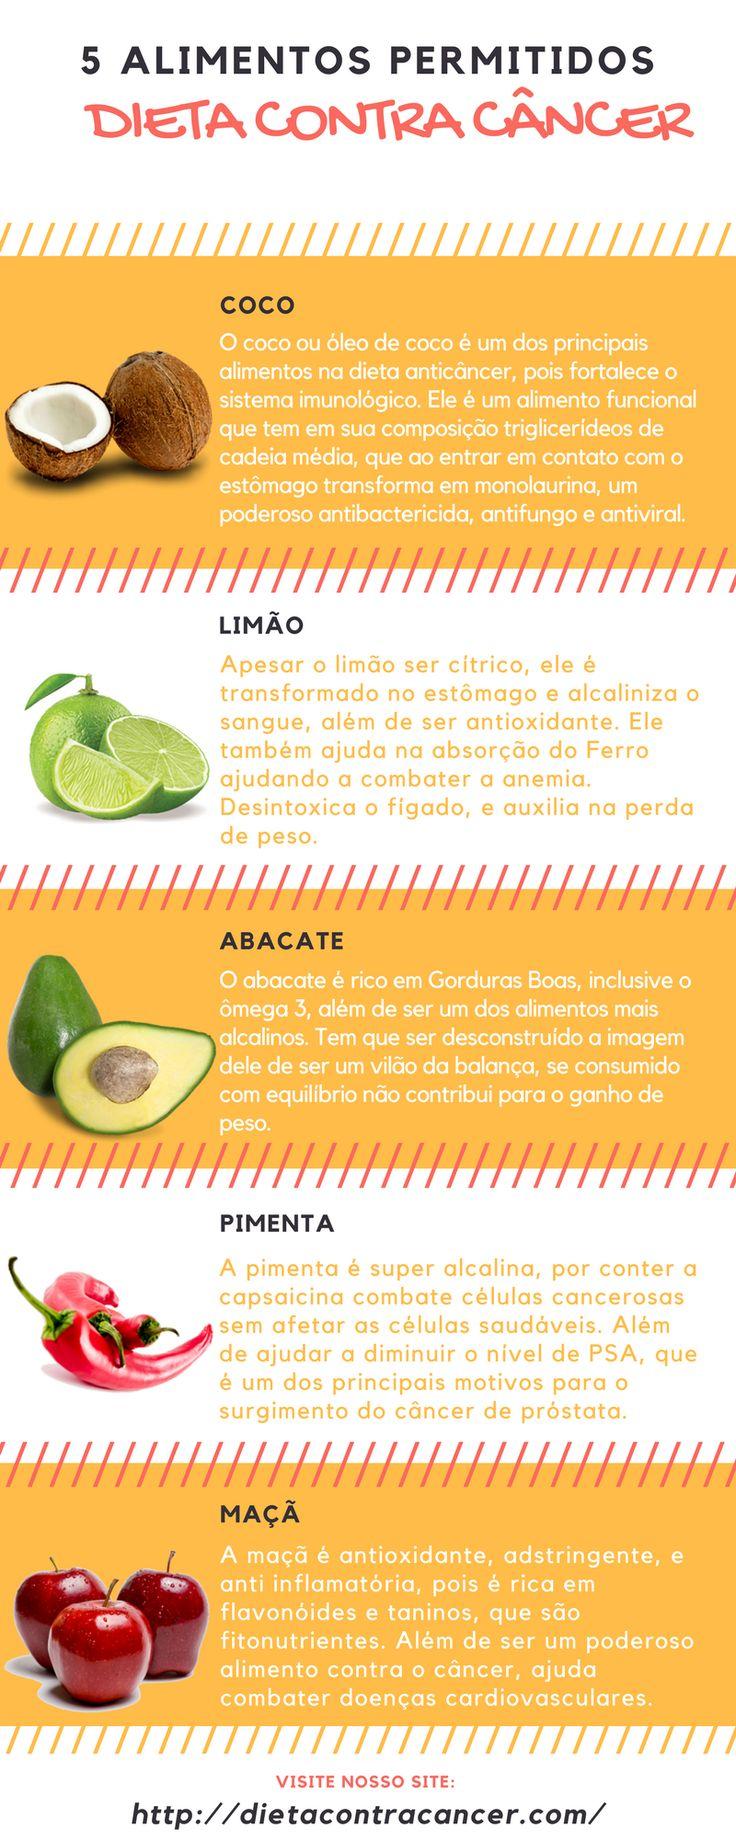 5 Alimentos Alcalinos que previnem e combatem o câncer. Esses alimentos fazem parte da dieta anticâncer.  Saiba Mais em Nosso Site: >>> http://dietacontracancer.com/